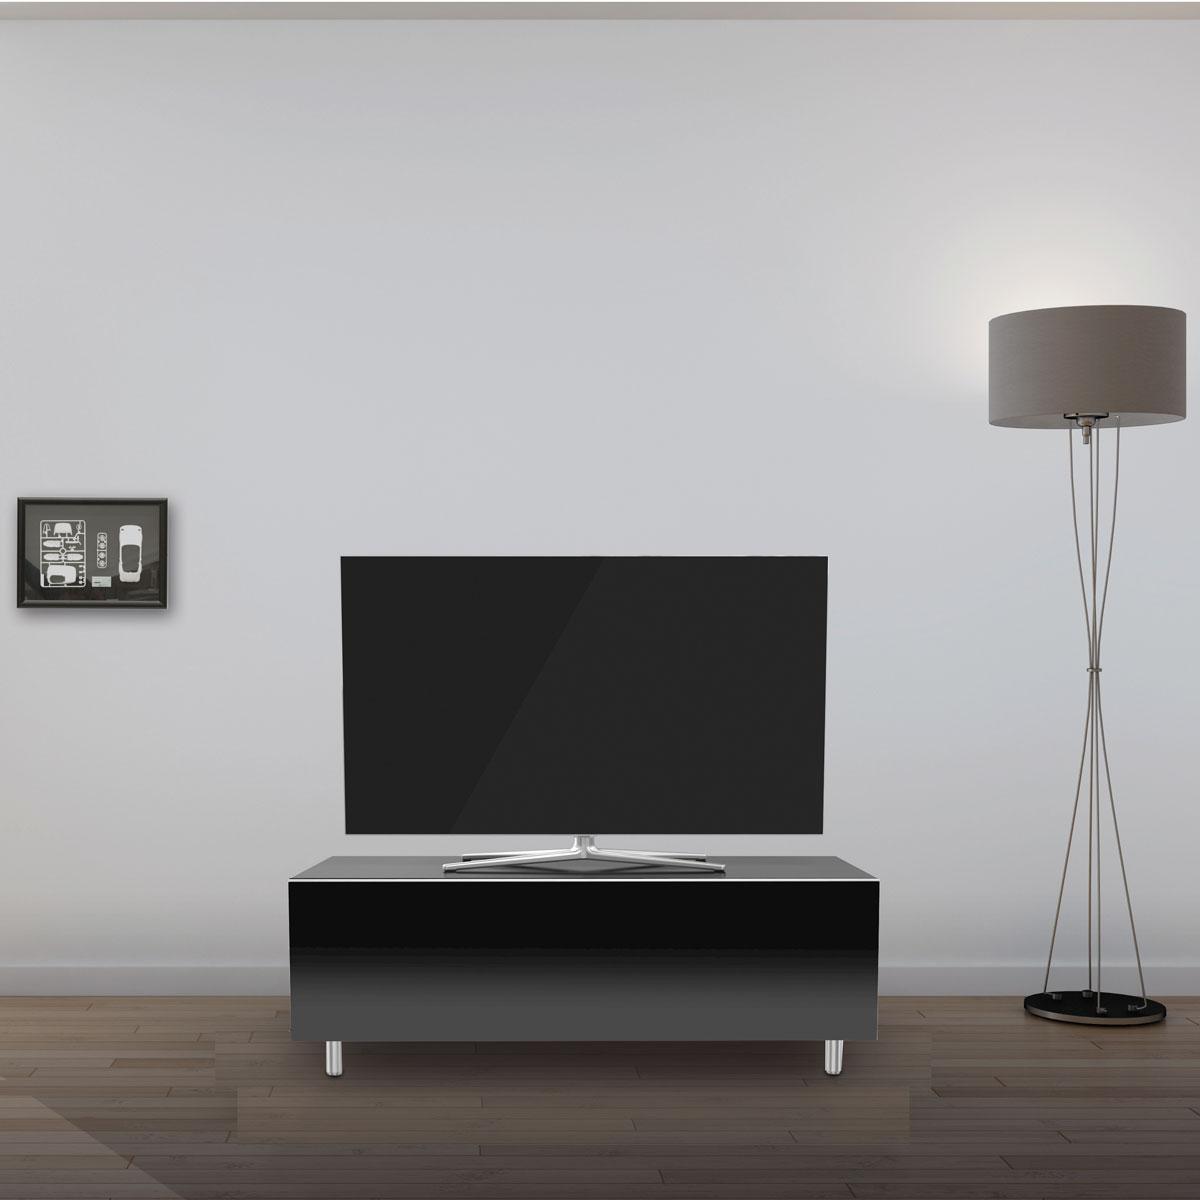 Geschlossenes TV Lowboard mit Klappe. Mit rundumverglasung. Stabil und kratzfest. Zwei innenliegende Fächer. Einlegeböden aus Glas. Modell JRL 1100 von Just Racks.